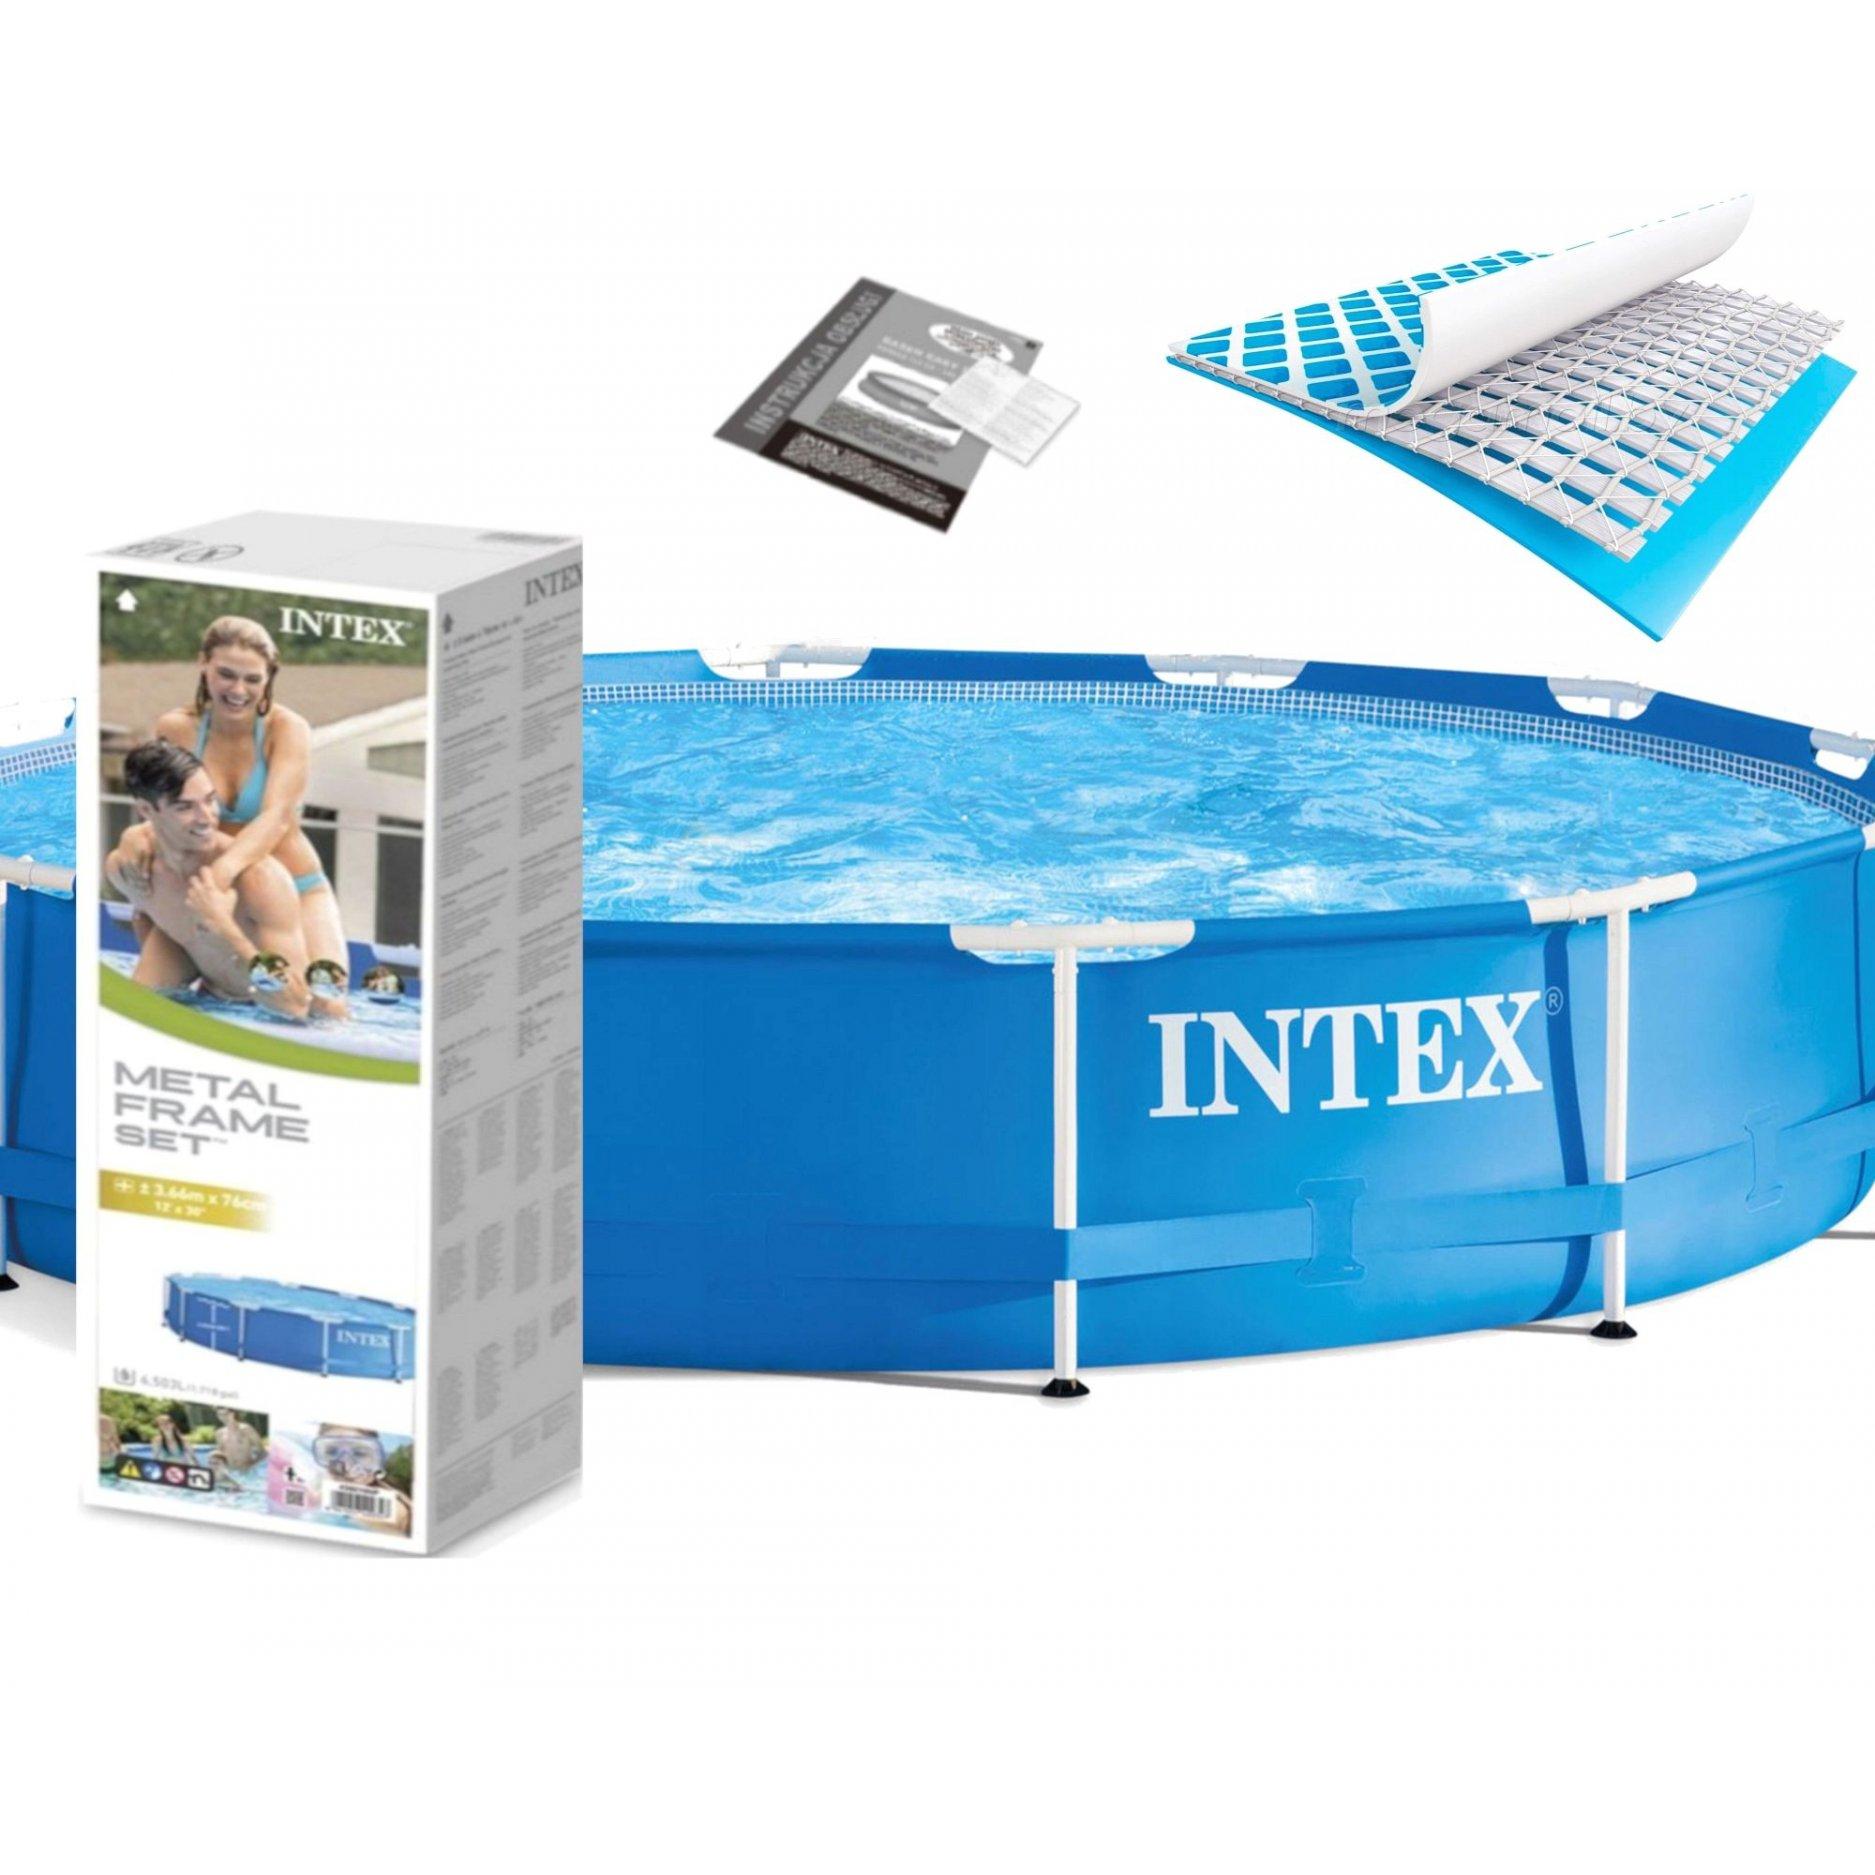 Каркасный бассейн INTEX Metal Frame 3,66 х 0,76 (м), 6503(л)